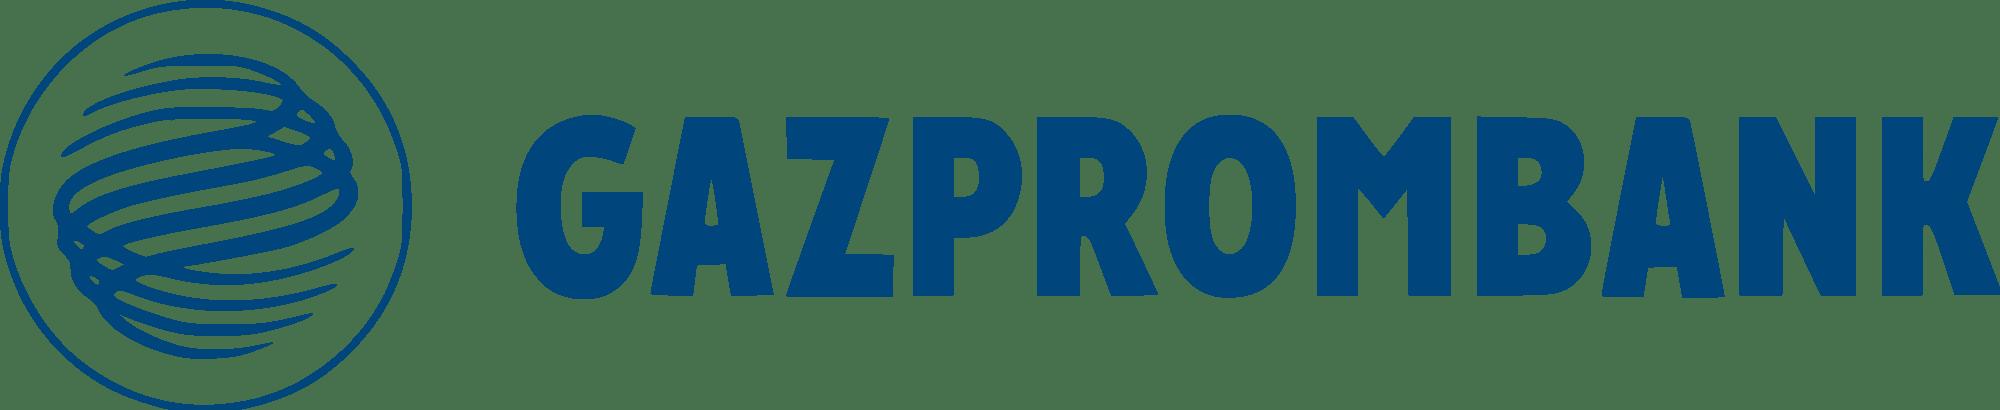 Газпромбанк – потребительский кредит